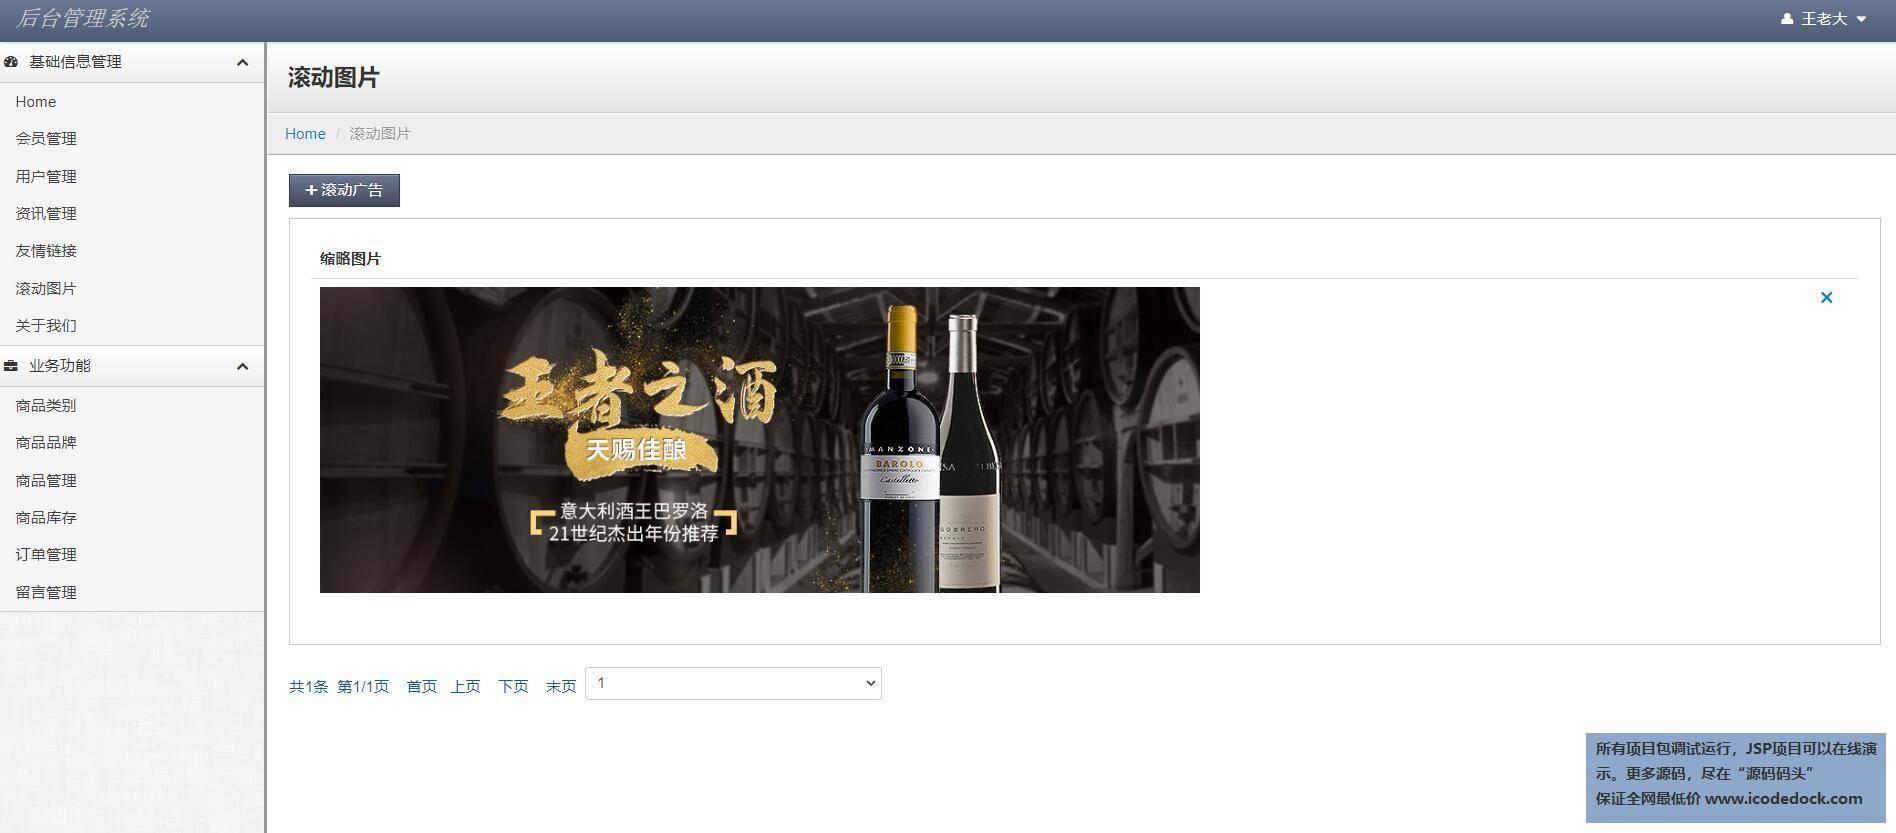 源码码头-JSP网上在线酒类商城系统网站-管理员角色-图片广告管理